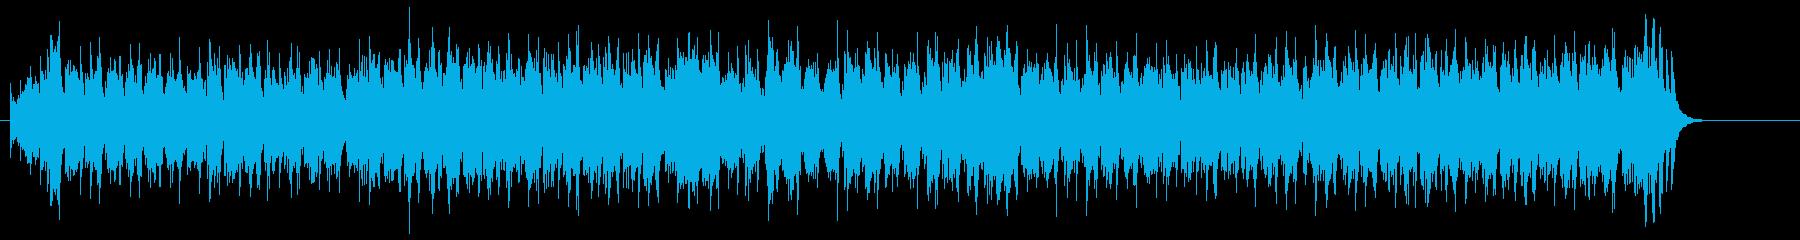 ちょっと明るめのリフレイン・ポップスの再生済みの波形